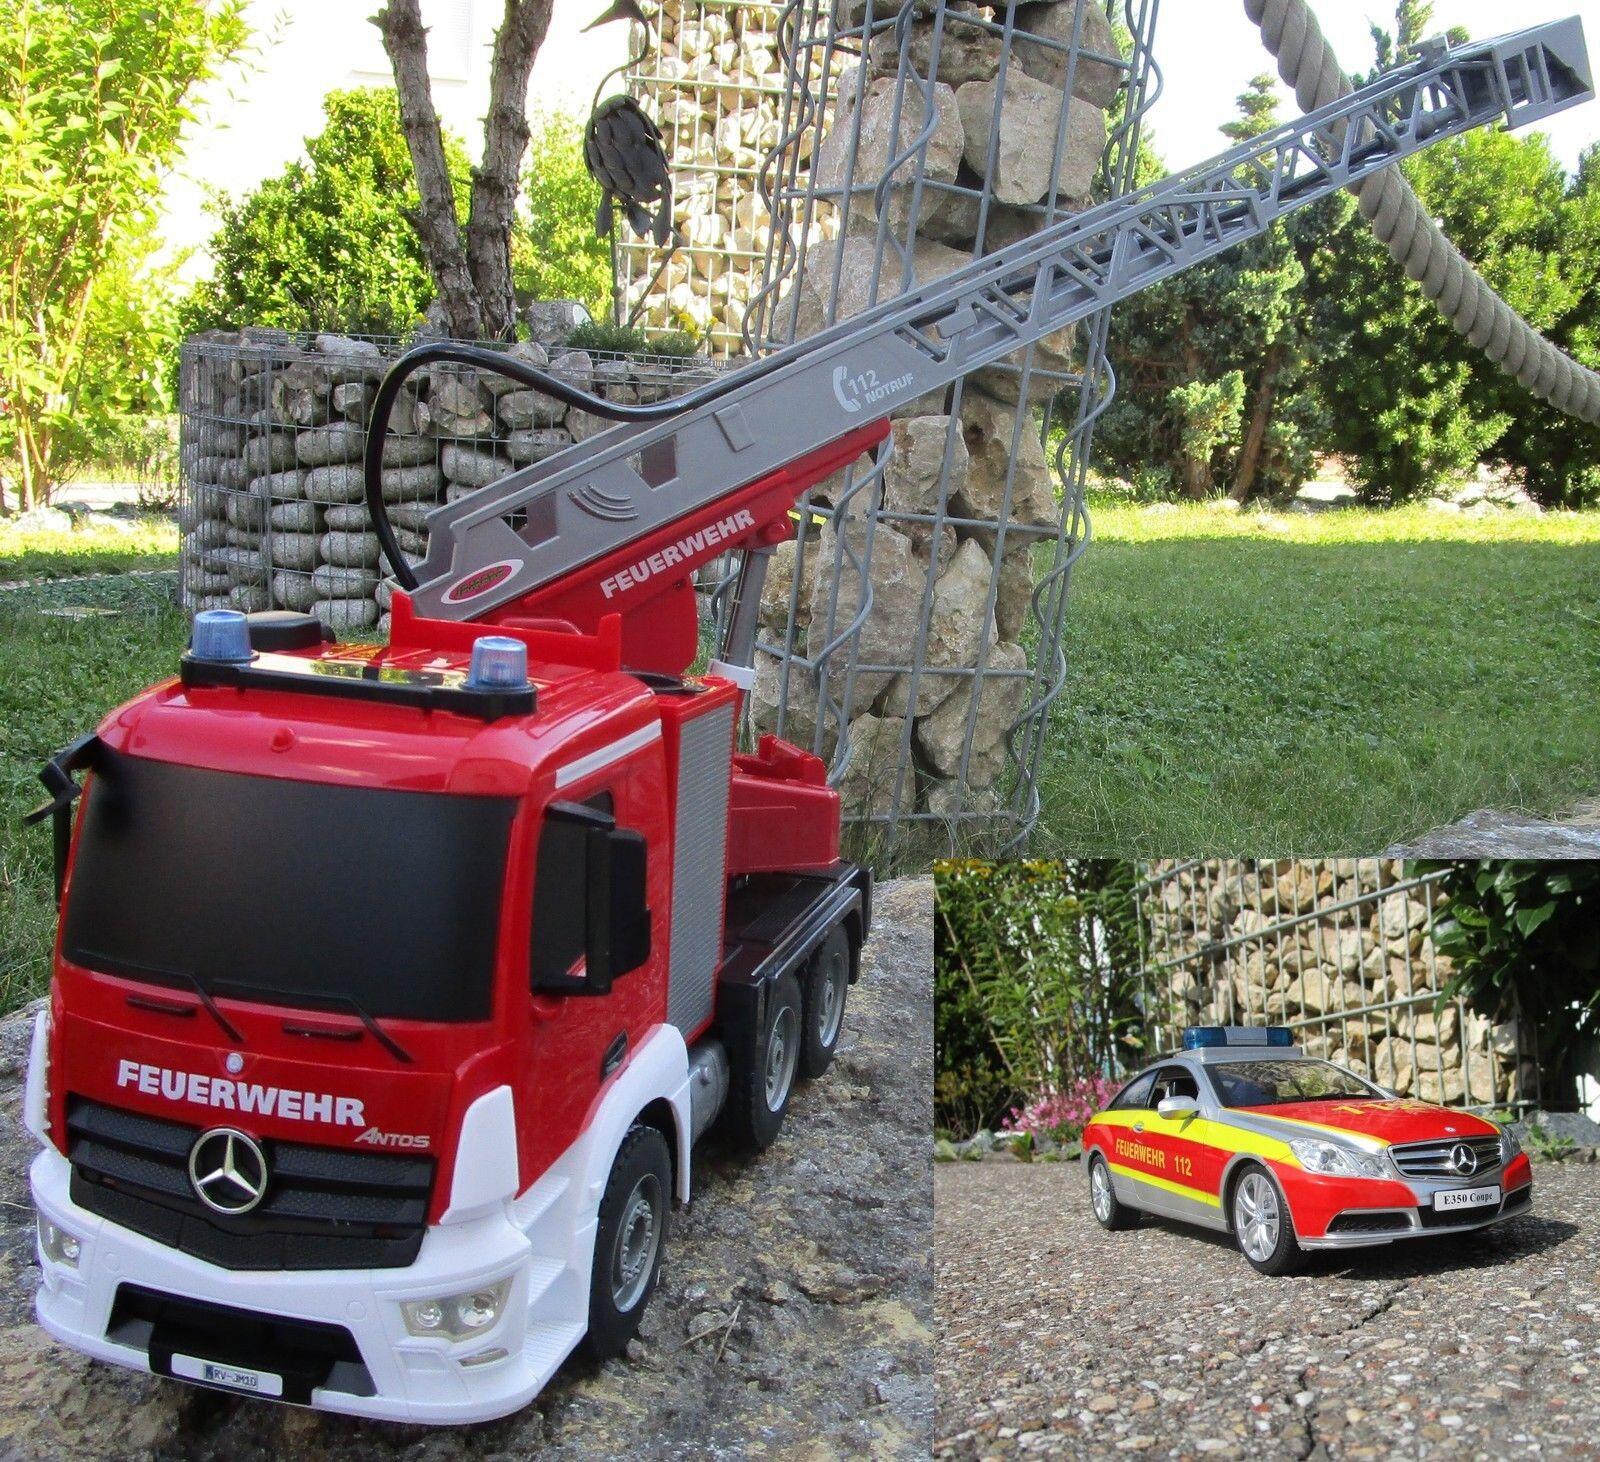 RC Feuerwehr Mercedes 2 er Set + Car 2,4 GHz 1 20 & Sprirtzfunktion 404960 7